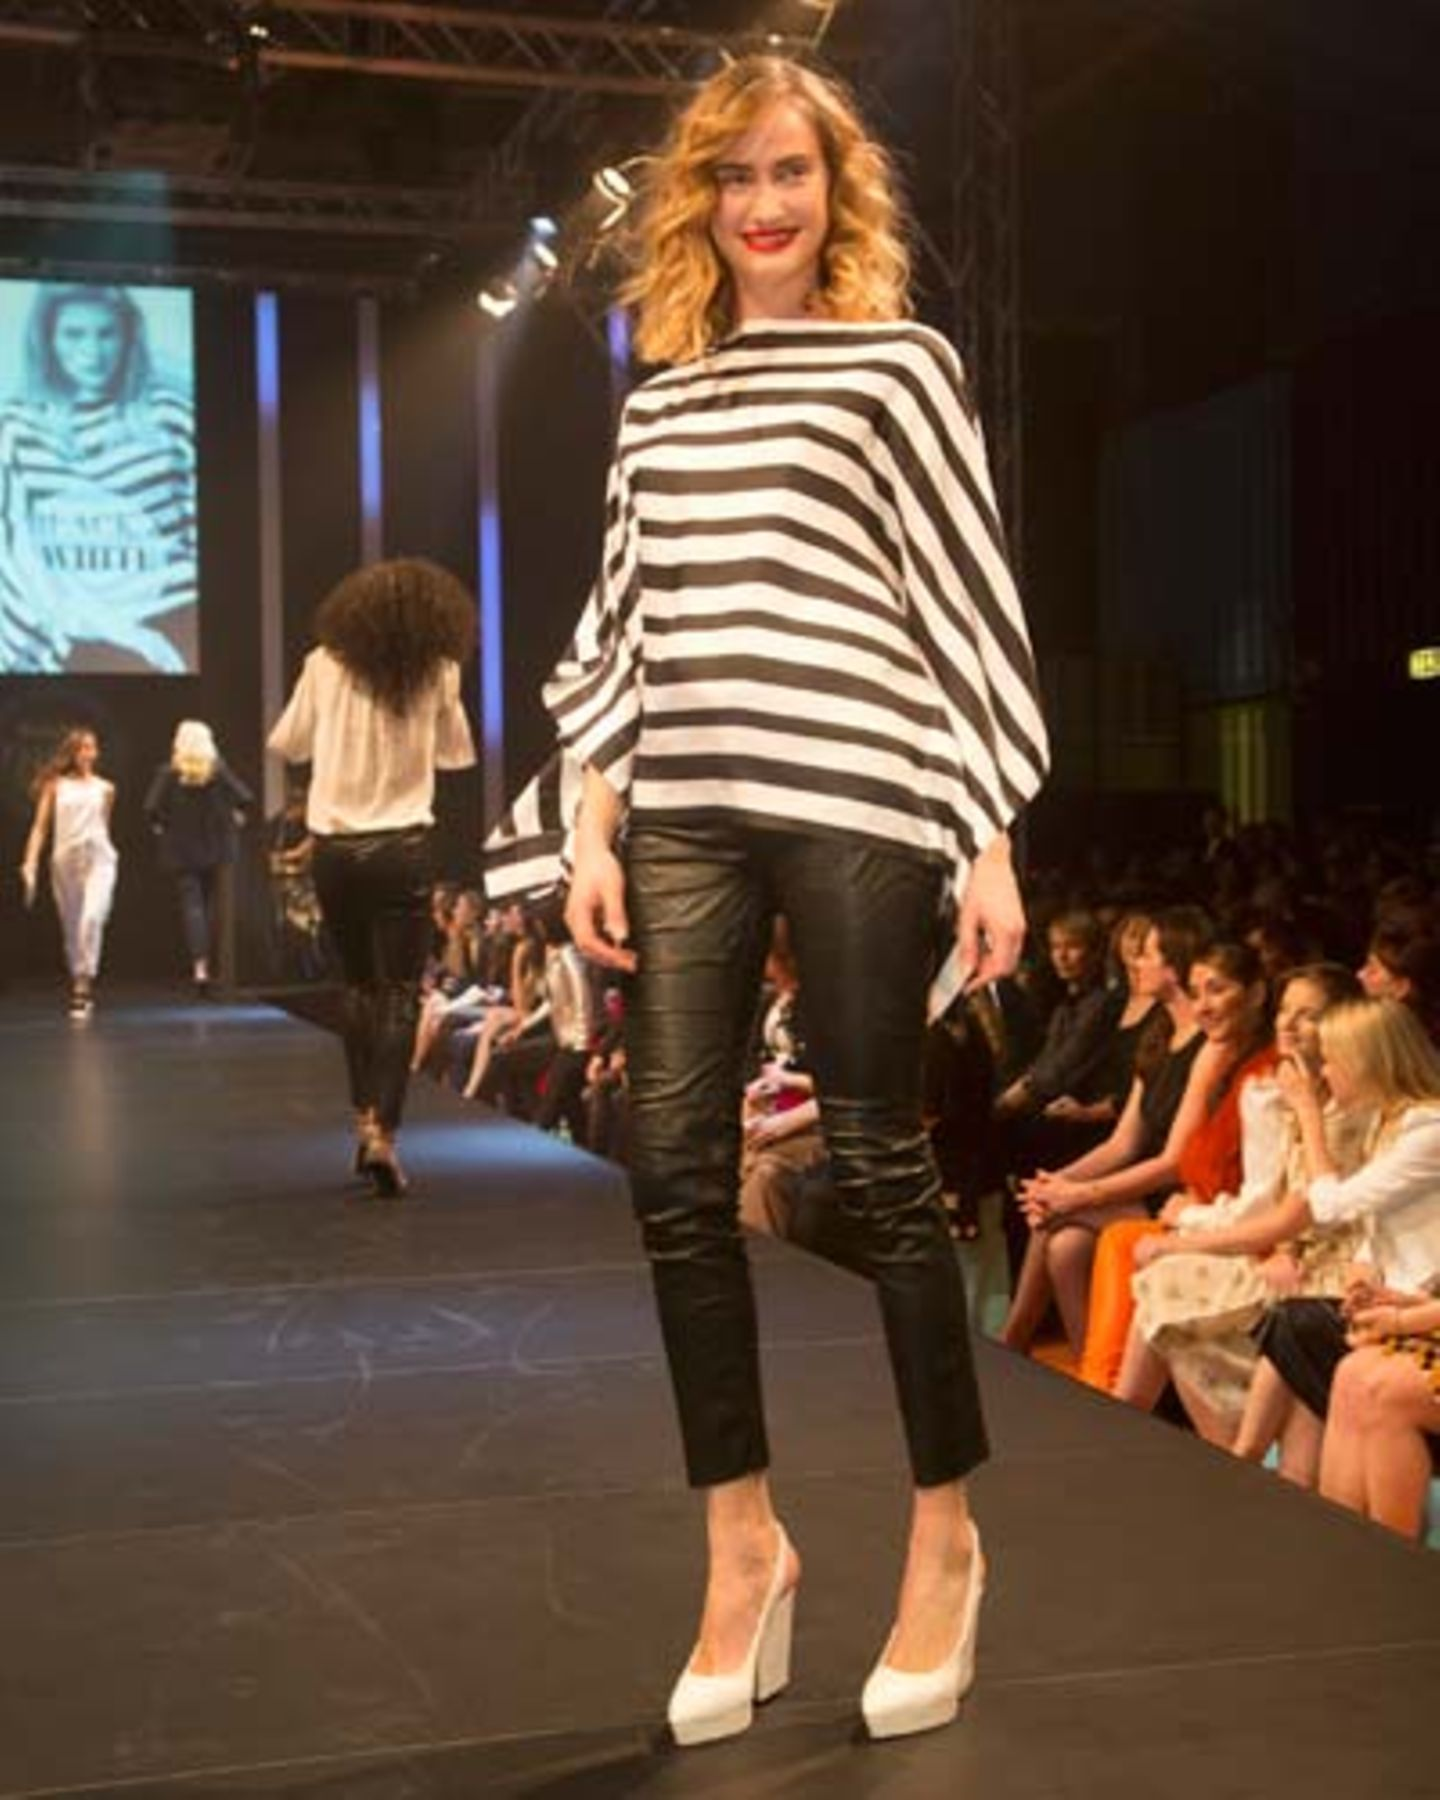 Das geringelte Oberteil ist von Hauber, die Hose von Inwear und die Schuhe gibt es bei H&M.